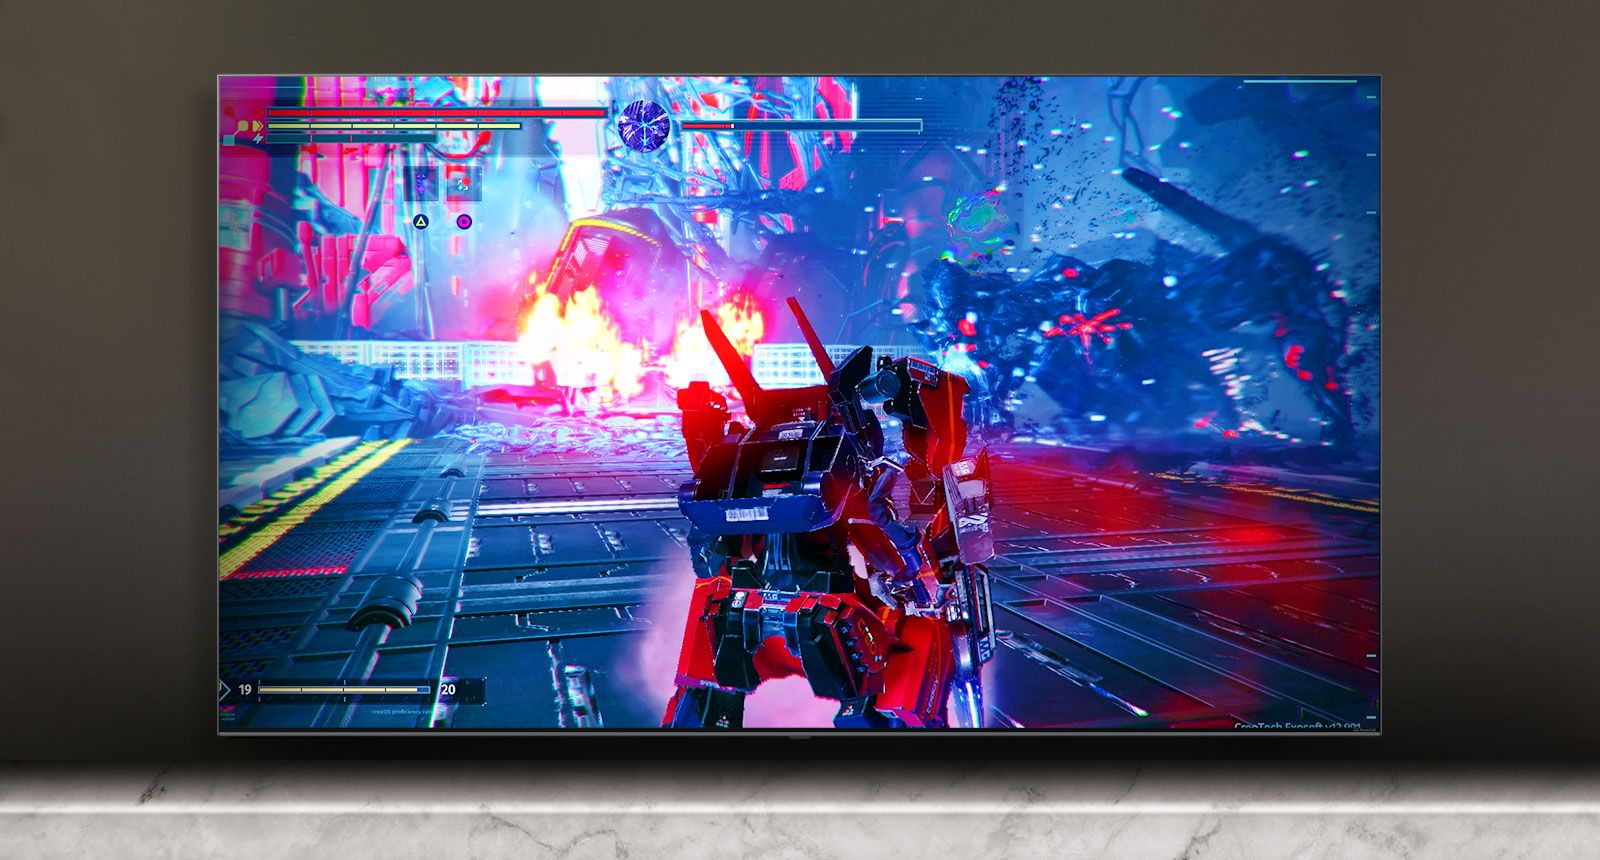 TV da LG mostrando jogo de robôs na tela